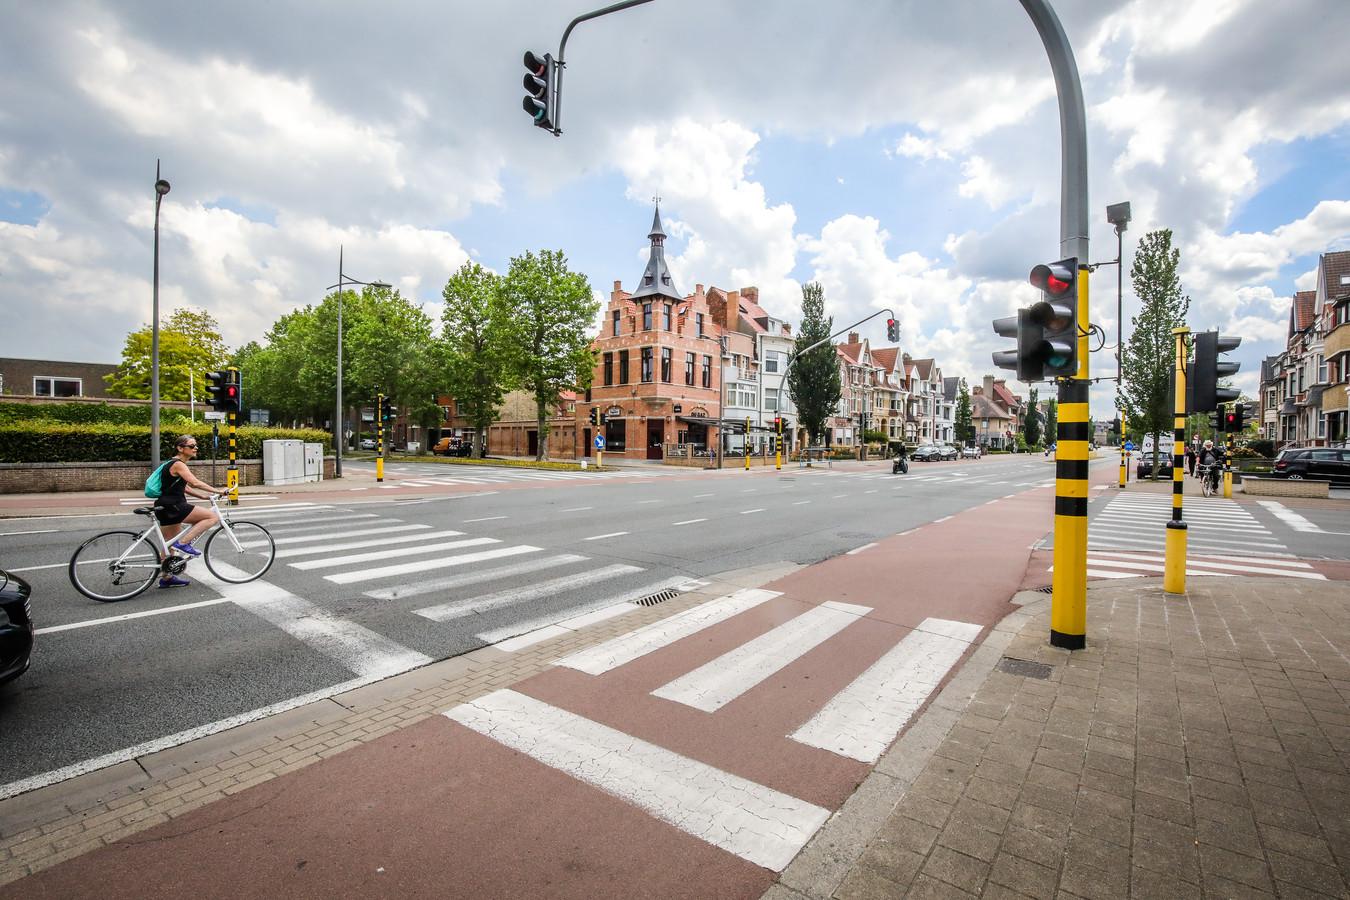 Het kruispunt van de Leopold I-laan met de Scheepsdalelaan op archiefbeeld.